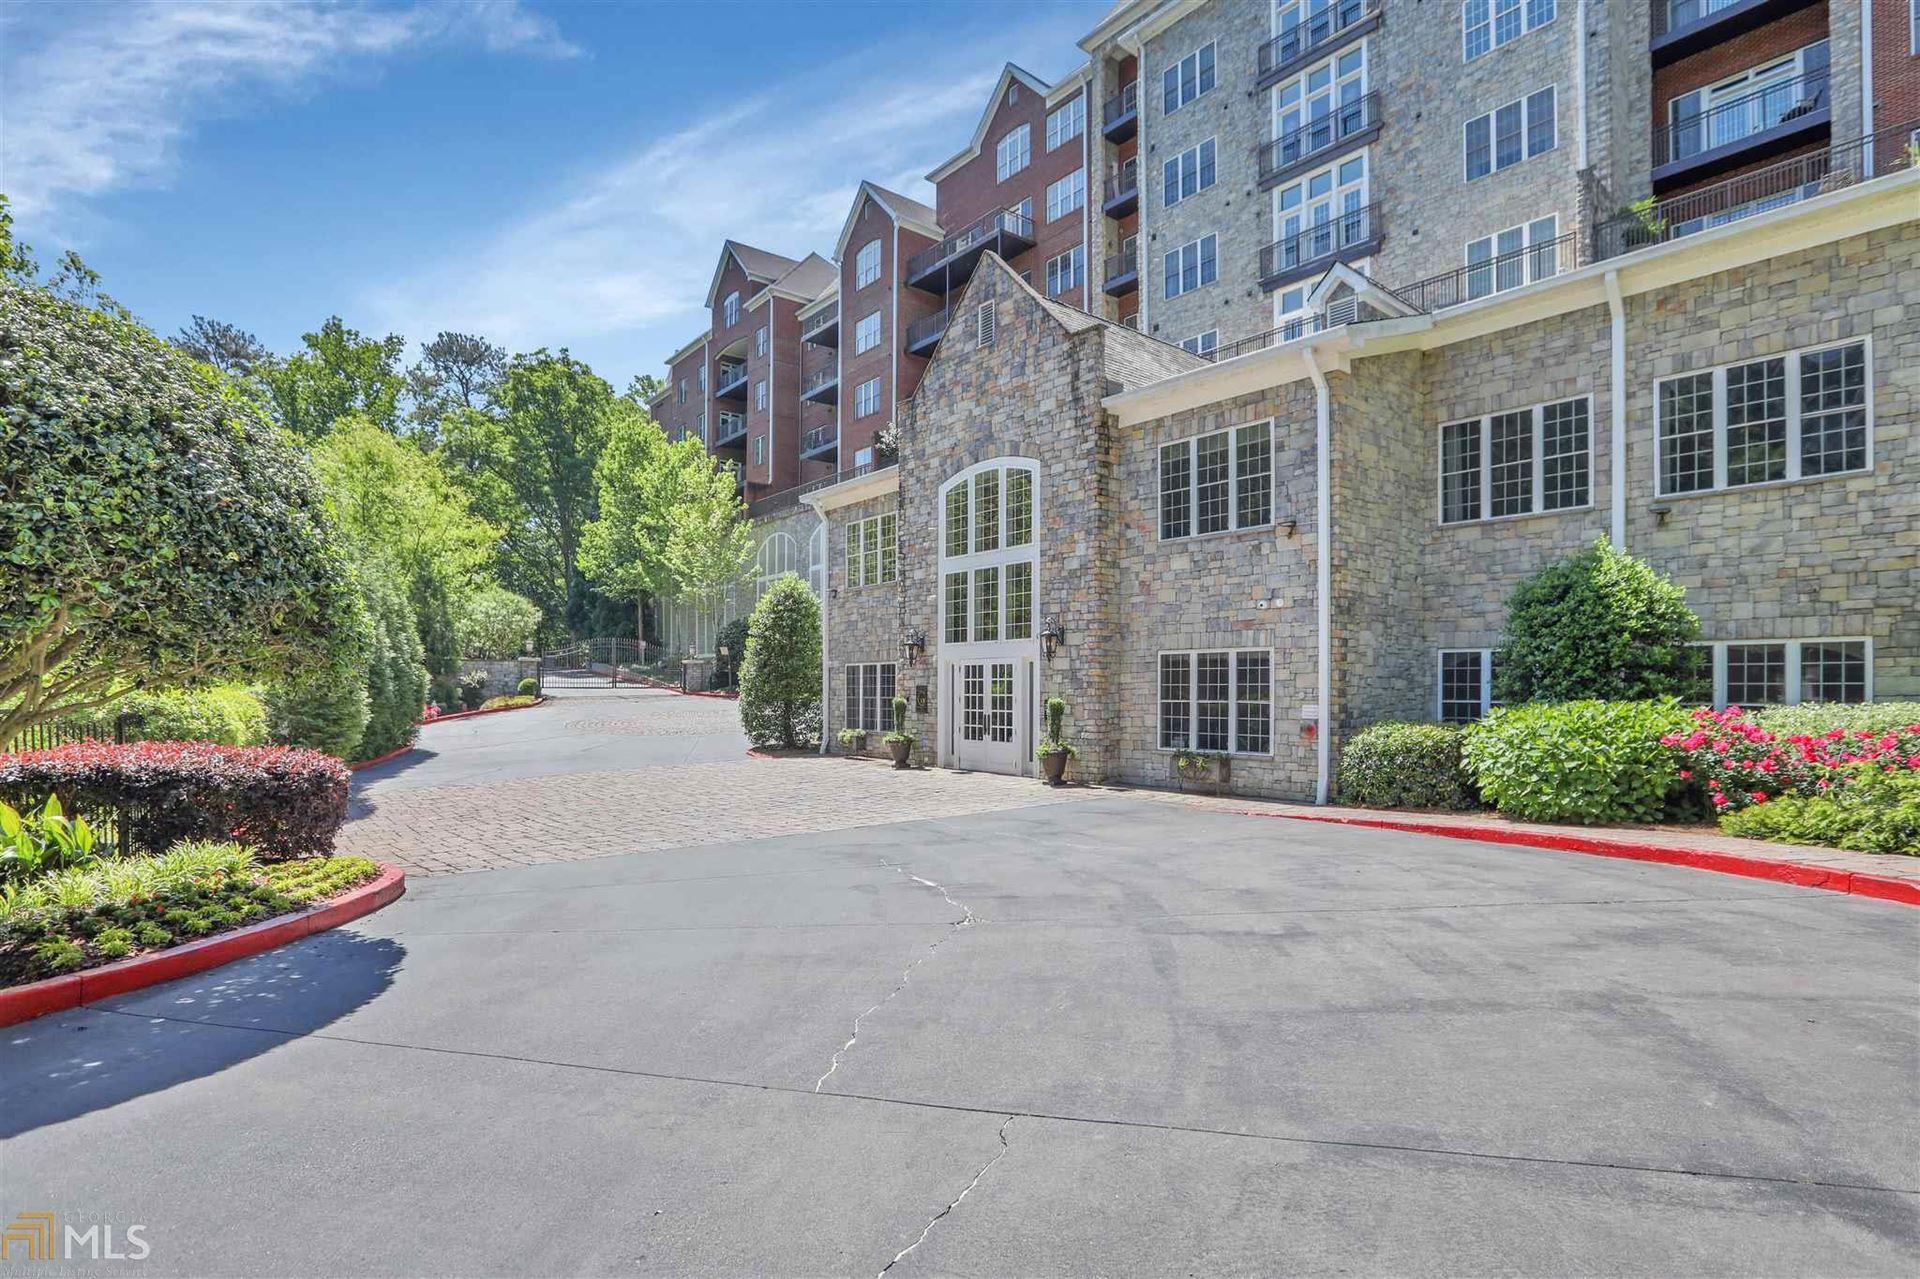 3280 Stillhouse, Atlanta, GA 30339 - MLS#: 8787060